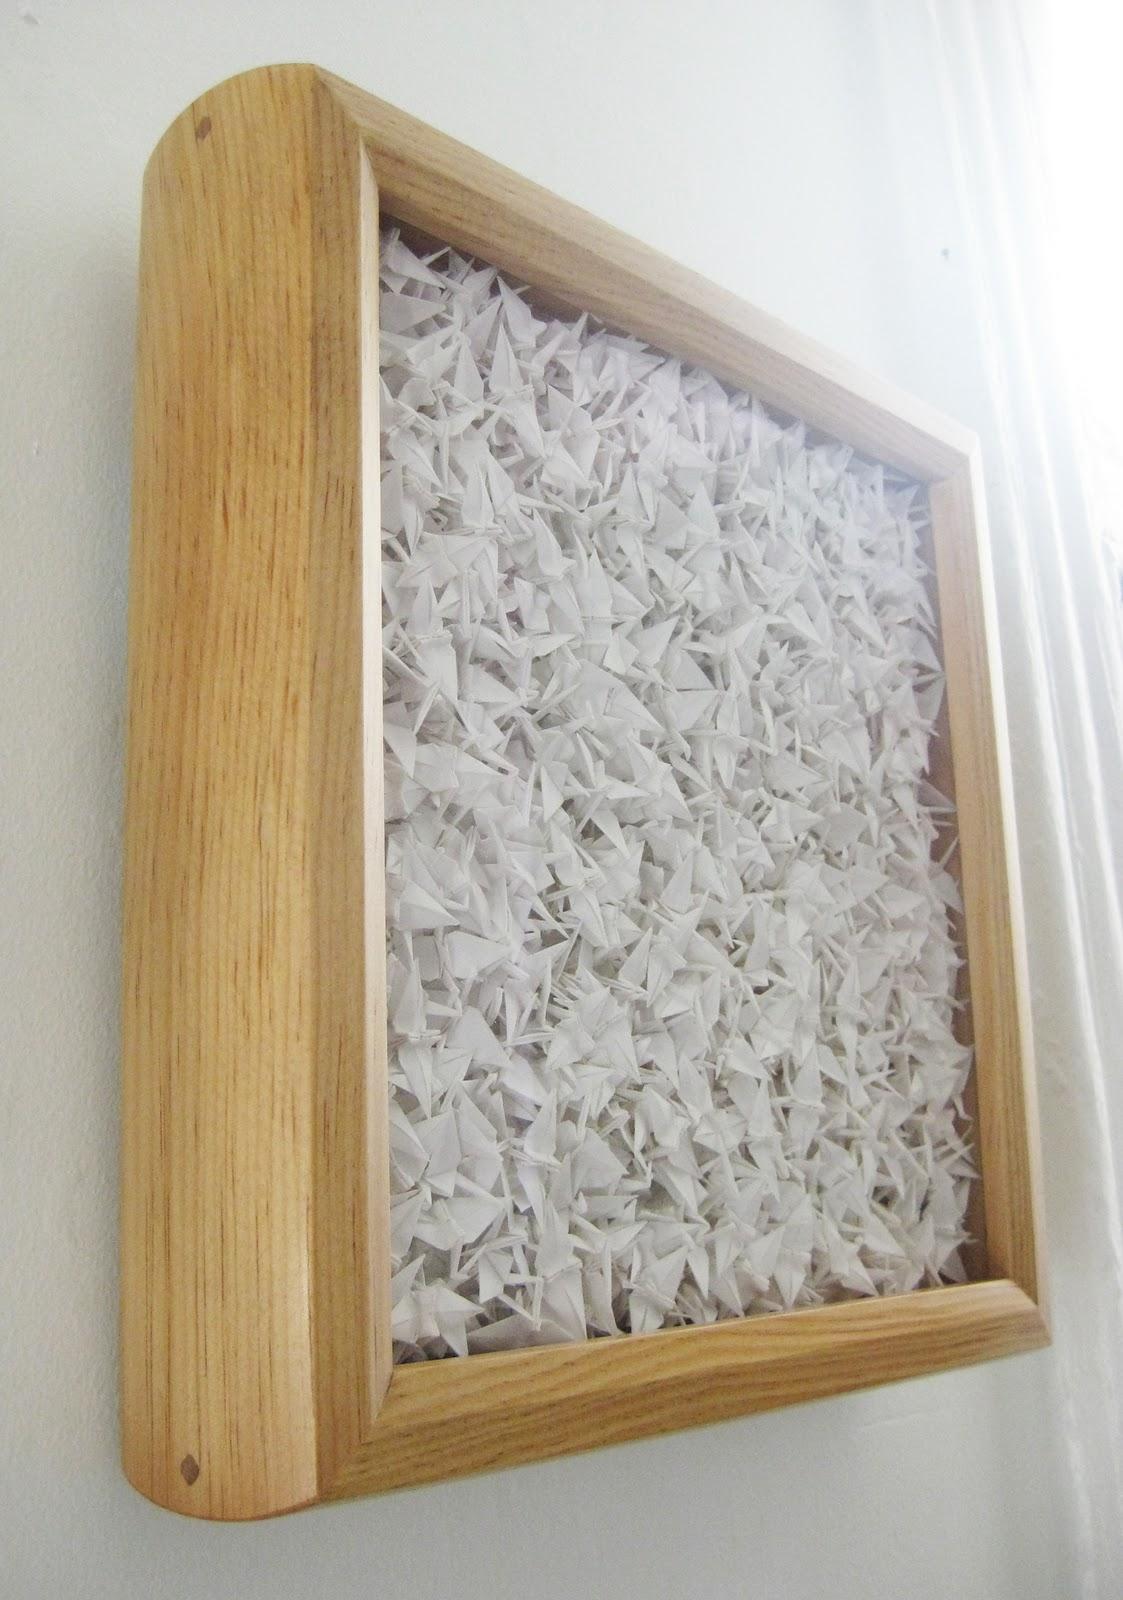 emily van hoff 1000 paper cranes